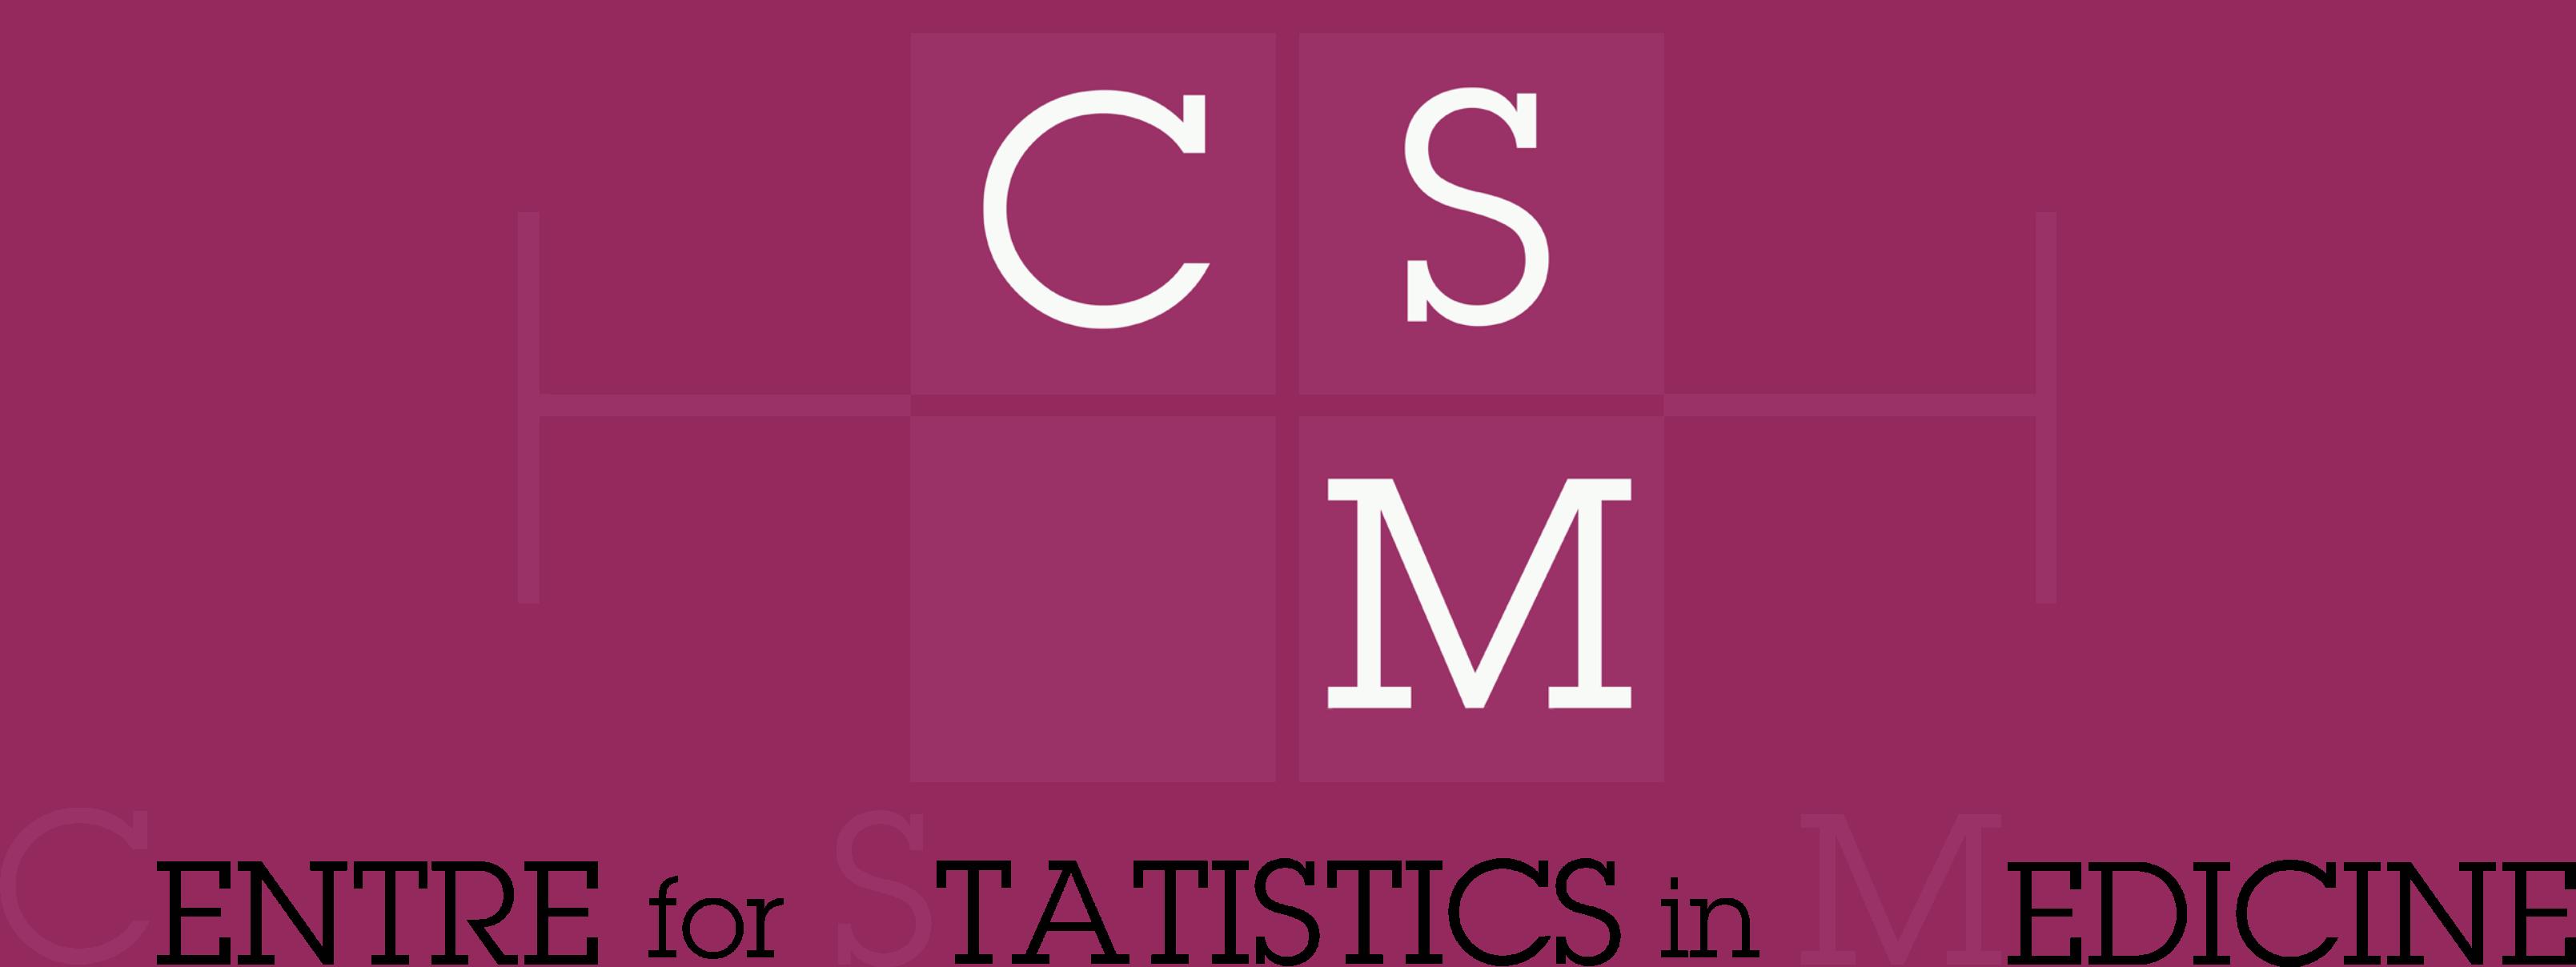 CSM full logo.png